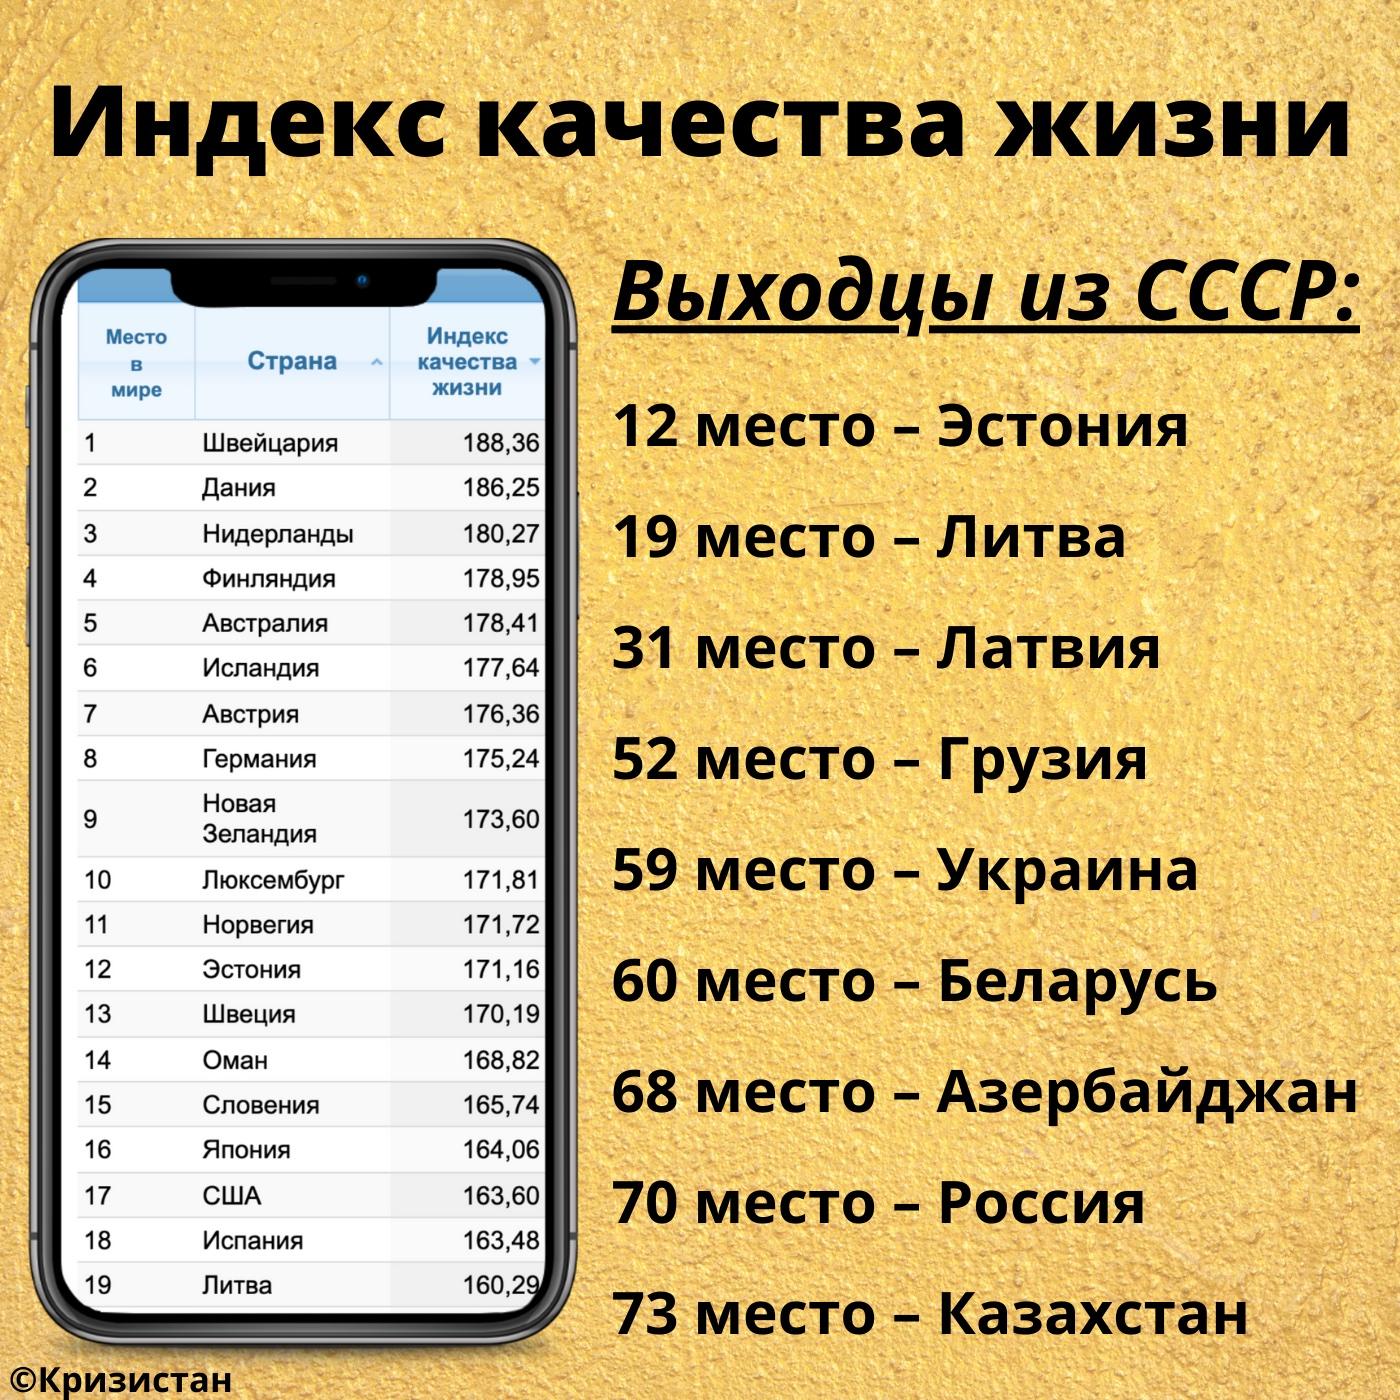 Индекс качества жизни в бывших республиках СССР